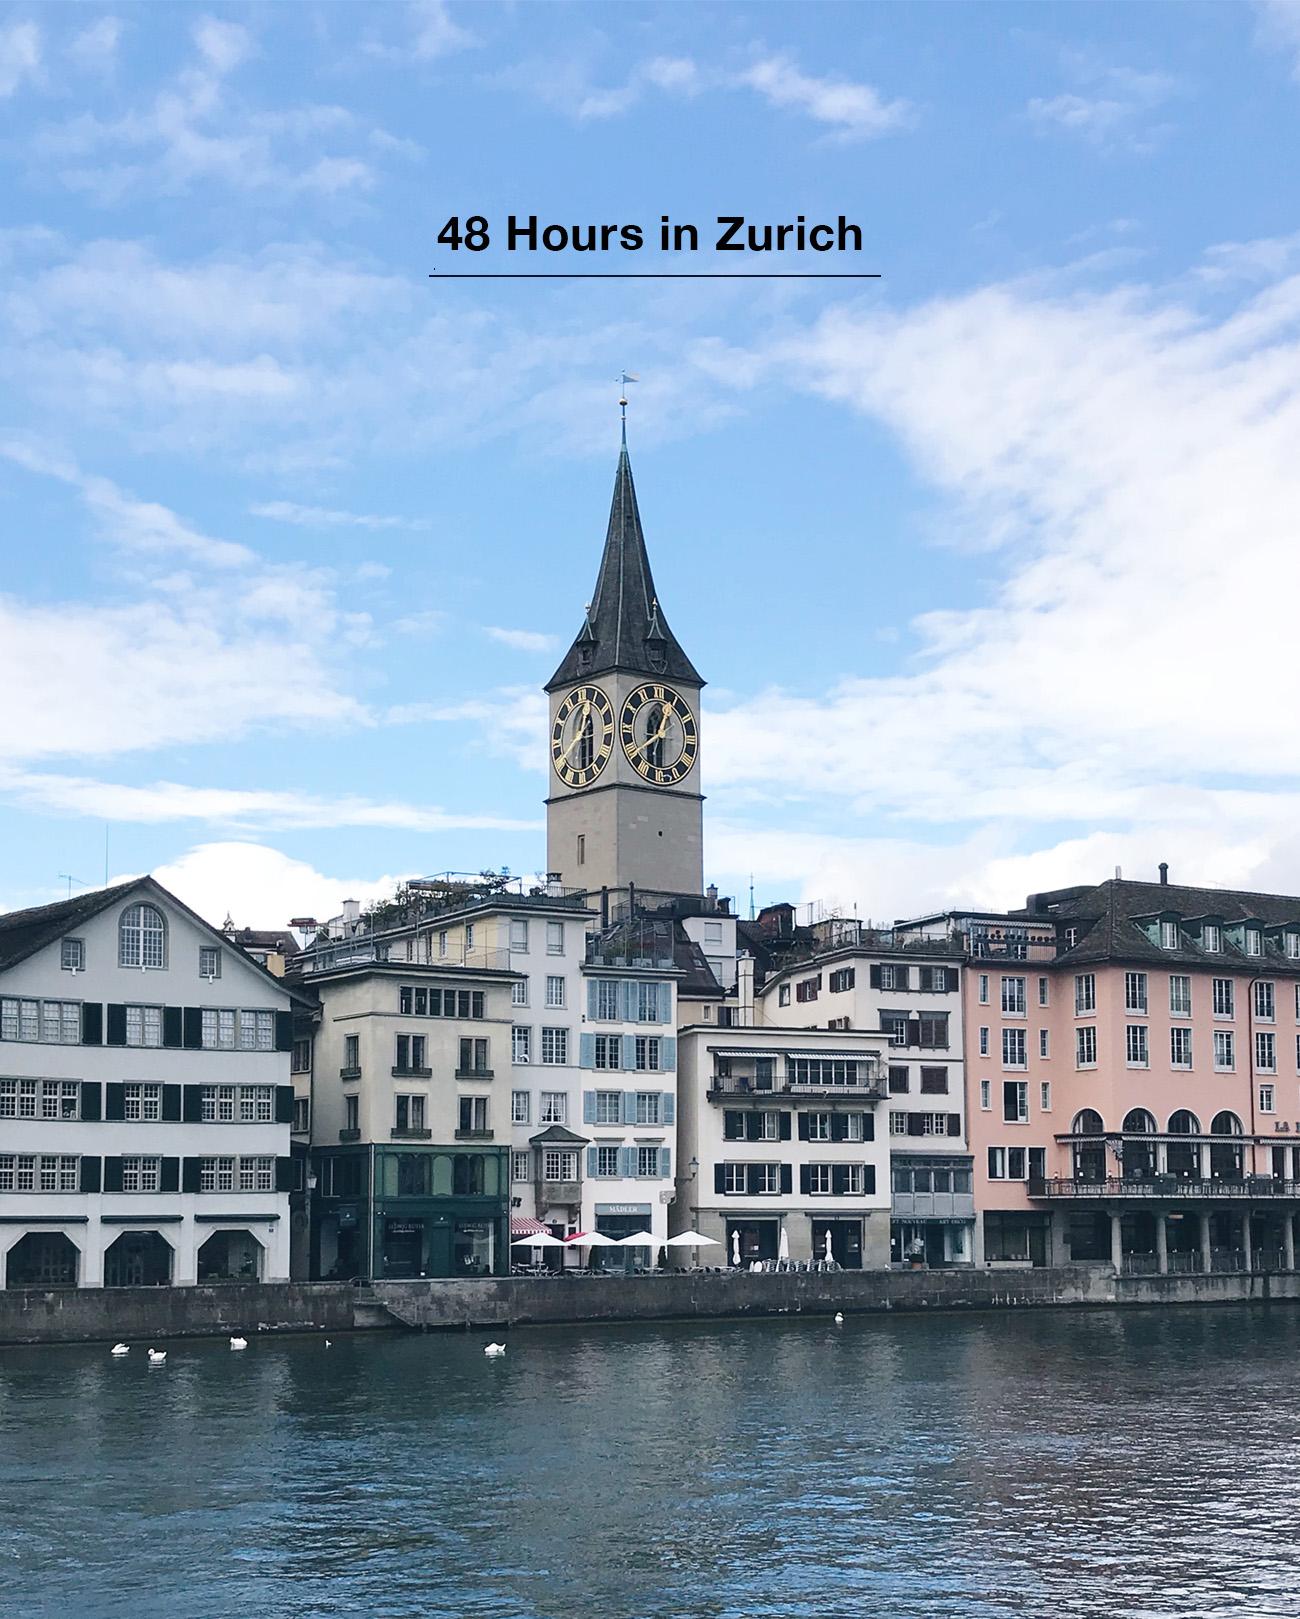 48 Hours in Zurich